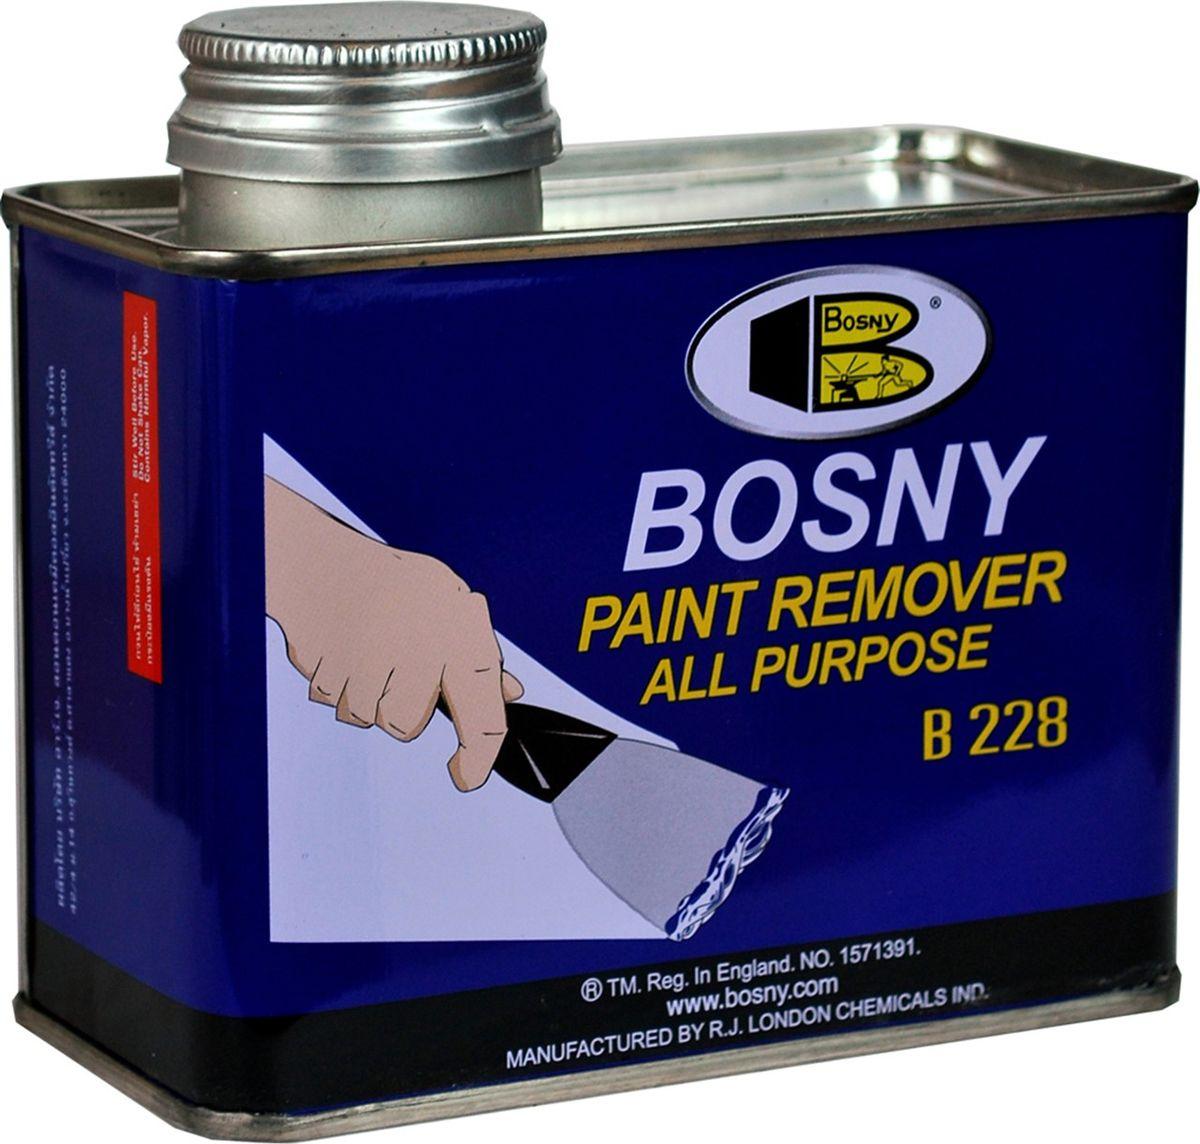 Смывка краски-гель Bosny, универсальная, 800 г228Универсальнаясмывка краскиBosny Paint Remover –мощное средствона гелевой основе, предназначенное для удаления всевозможных типов краски с окрашенных поверхностей быстро и эффективно, весь процесс занимает лишь несколько минут. Смывка краскиBosny Paint Remover предназначенадля удаления масляных красок, синтетических эмалей, различныхлаков, в том числецеллюлозных, эмалей горячей сушки, и других видов лакокрасочных покрытий. Может использоваться как для бытовых, так и для промышленных целей. Гелевая консистенция смывки имеет несколько преимуществ по сравнению с жидкими или аэрозольными составами: 1. После нанесения гелеобразный состав образует равномерный слой одинаковой толщины по всей поверхности. 2. Можно легко и точно дозировать расход материала. 3. Исключено попадание случайных брызг на соседние участки поверхности. 4. Не требует предварительного размешивания